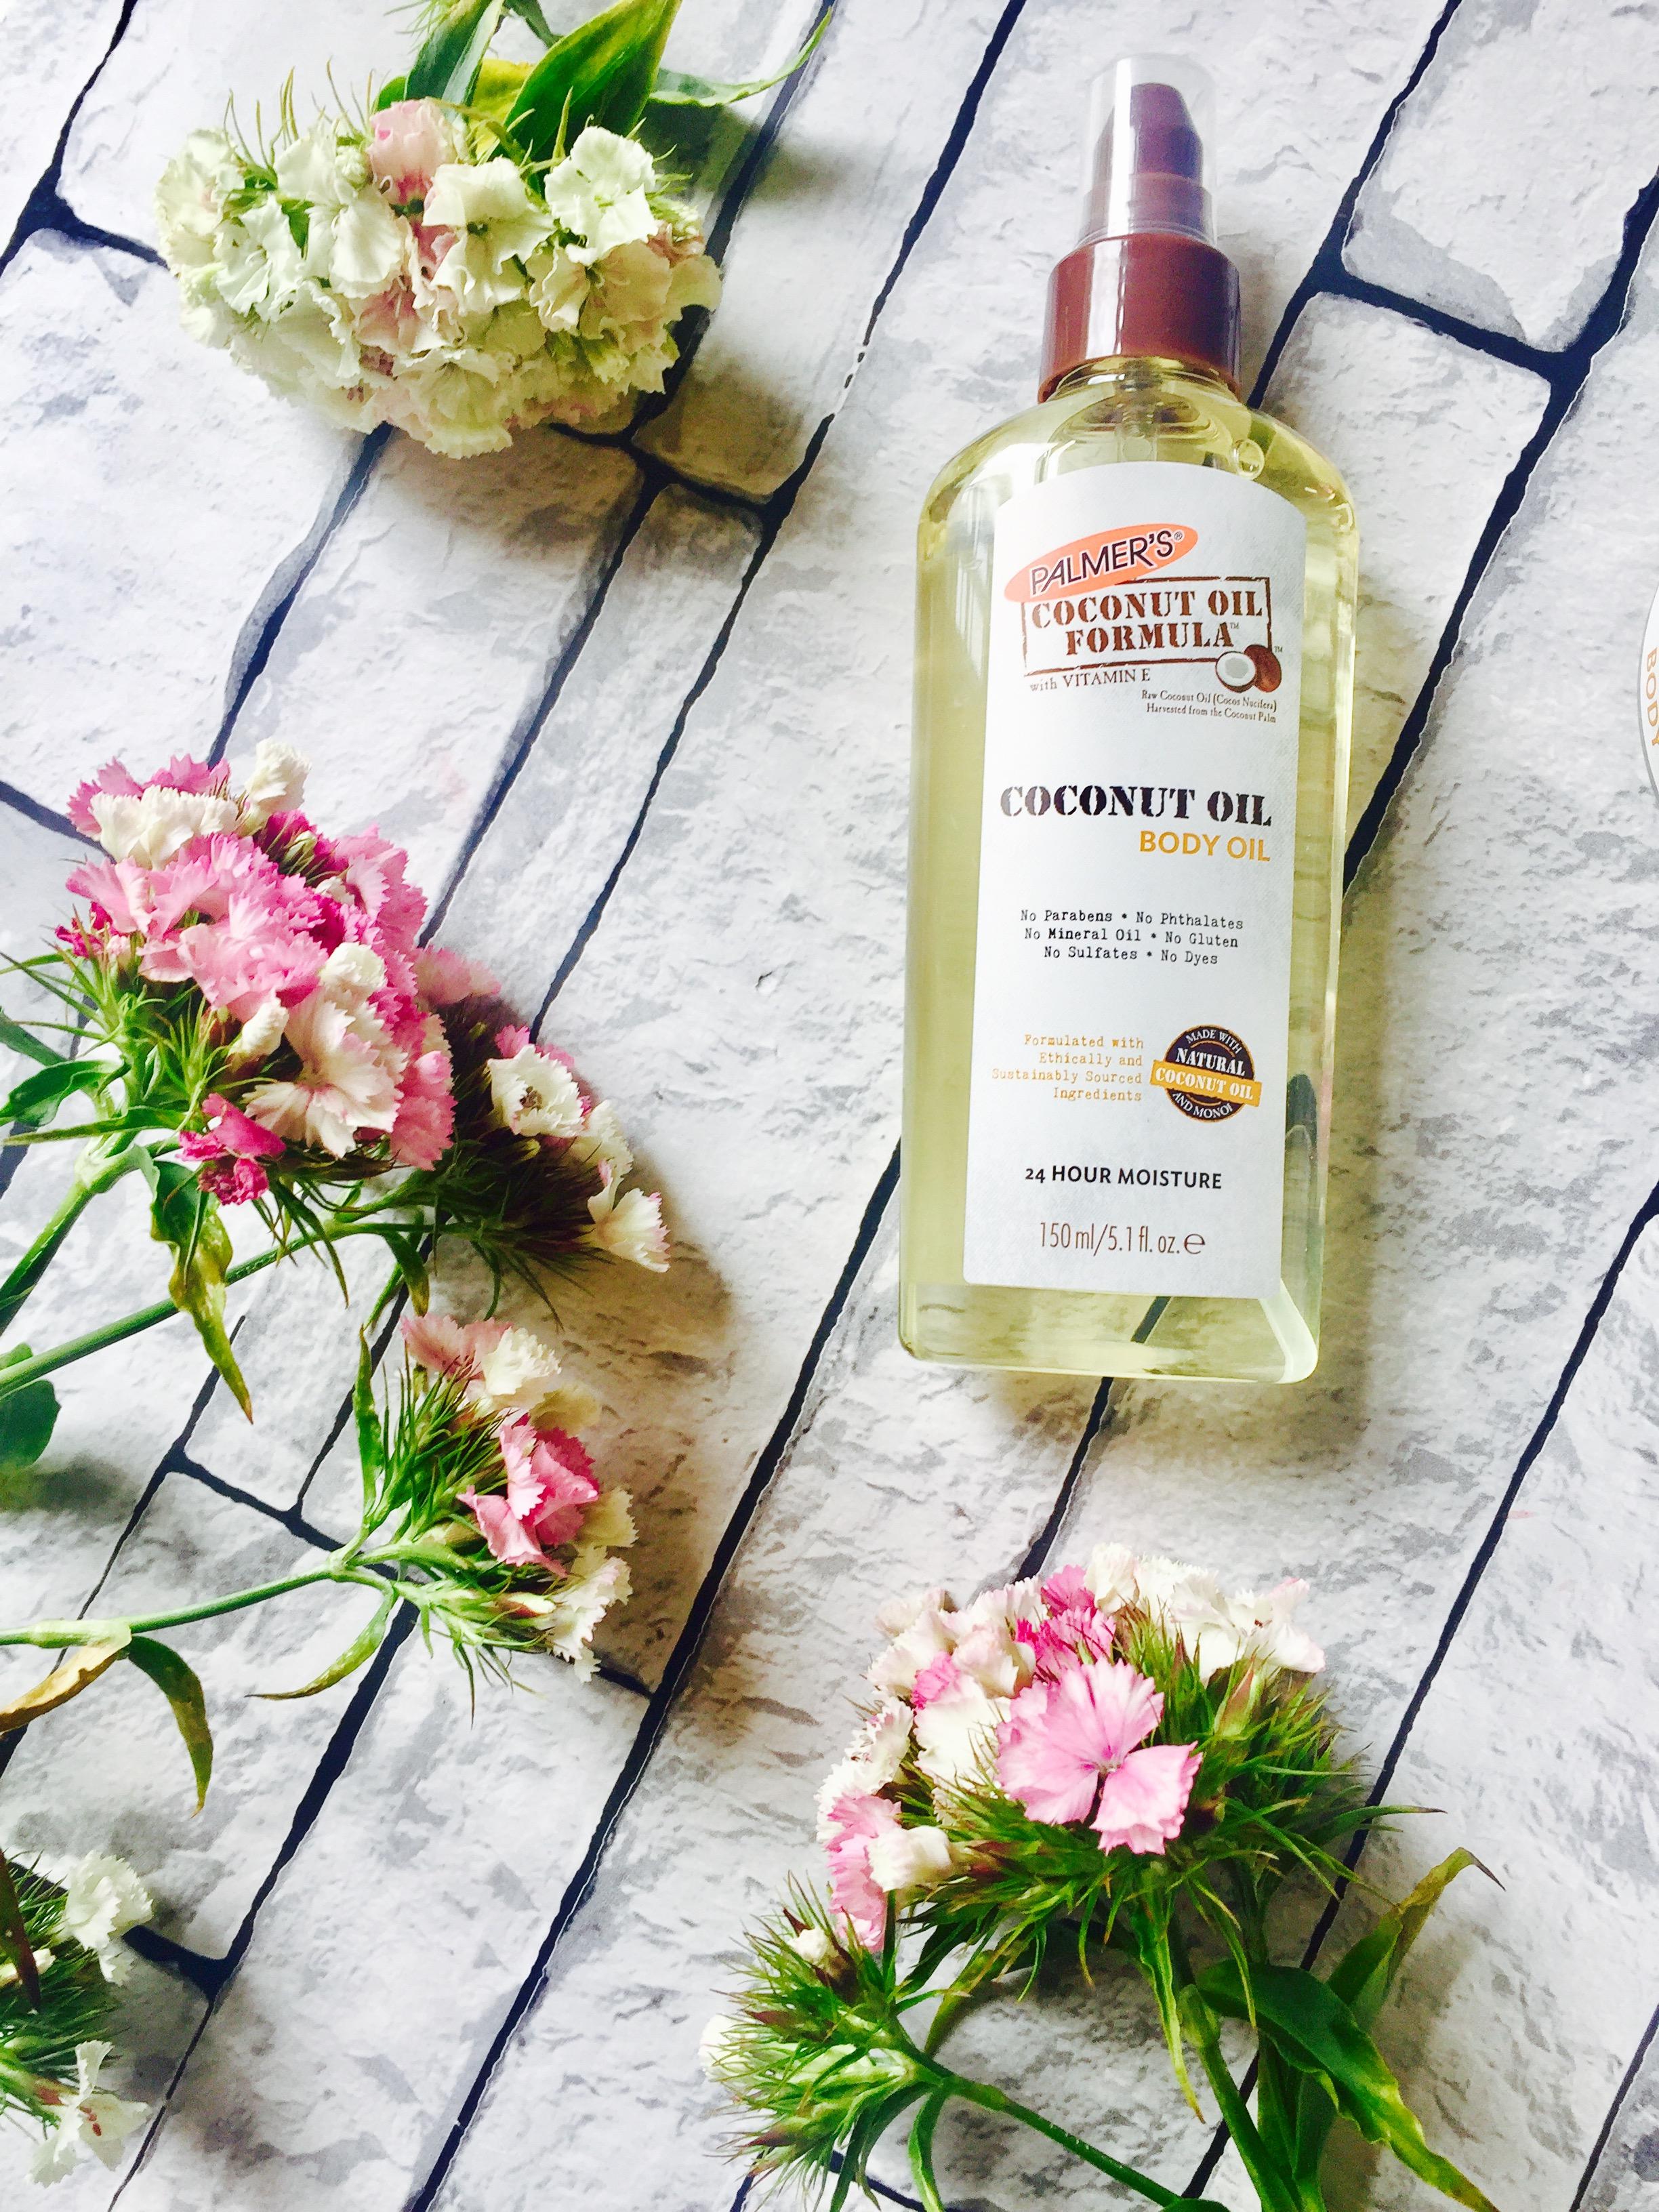 Palmer's Coconut Body Oil